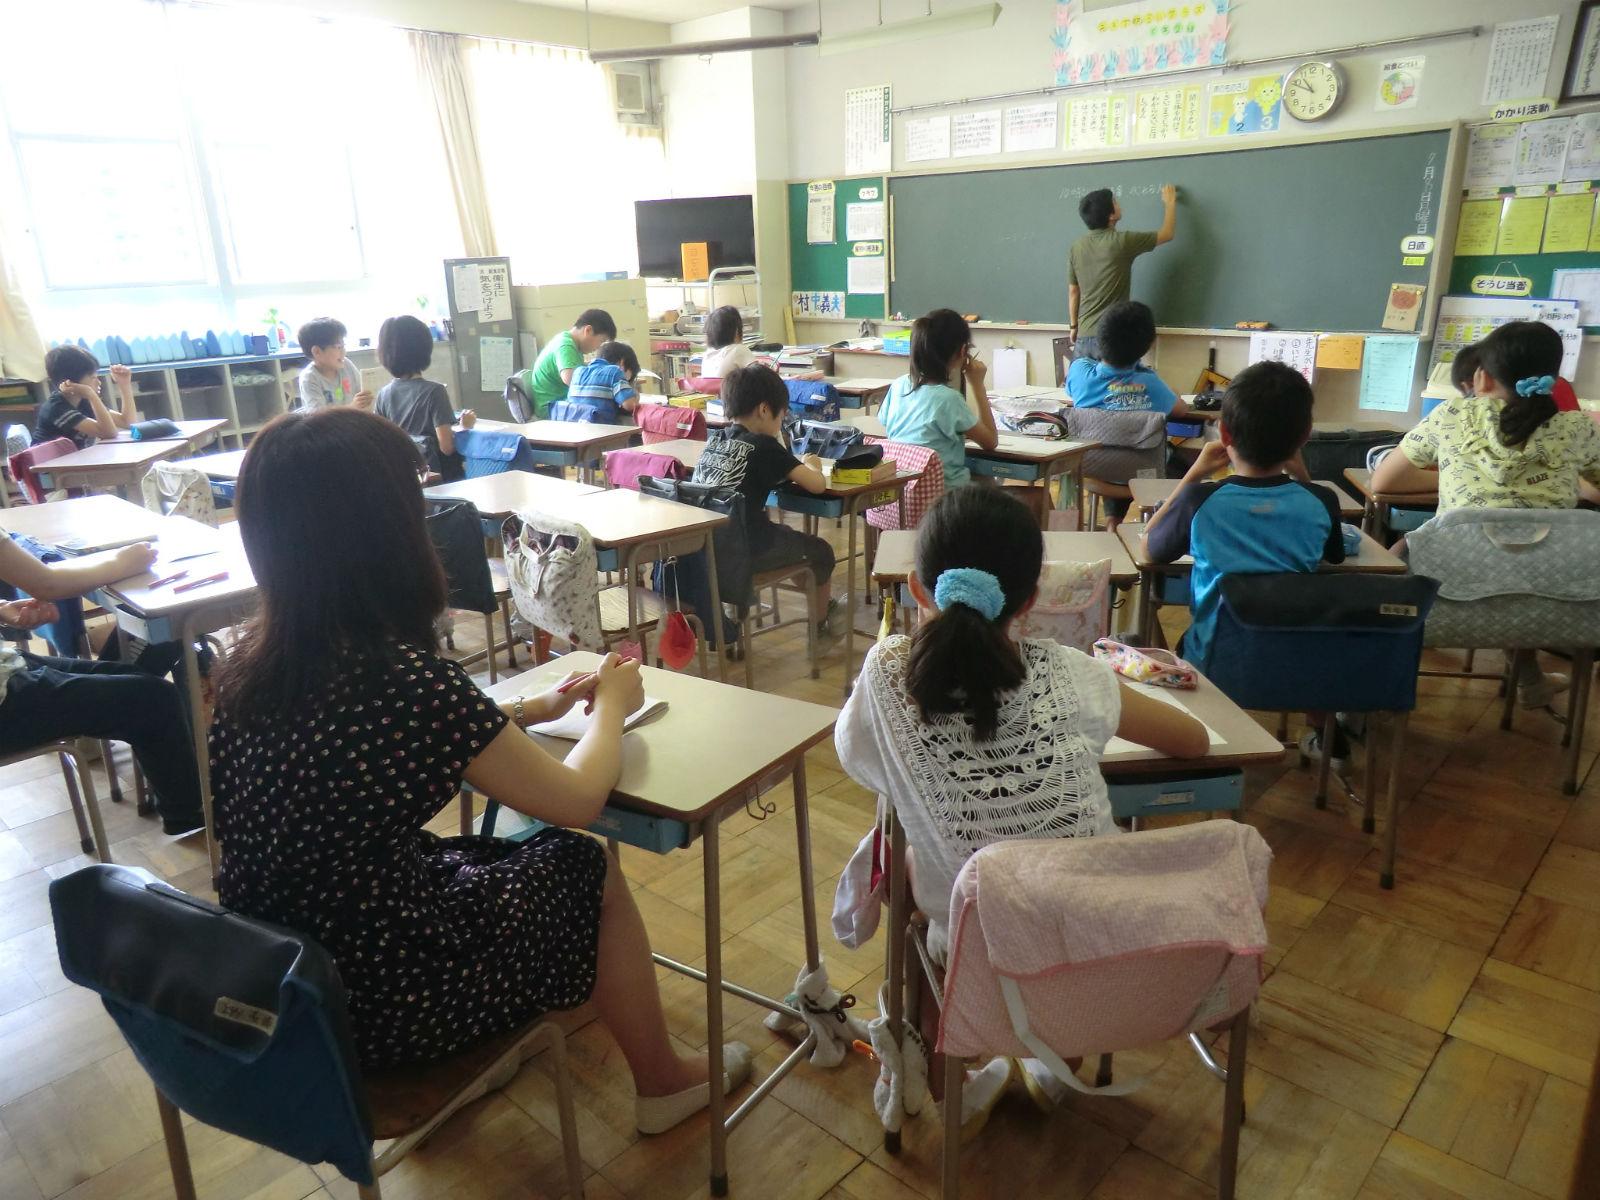 土曜日に学校で行われている土曜学習の様子